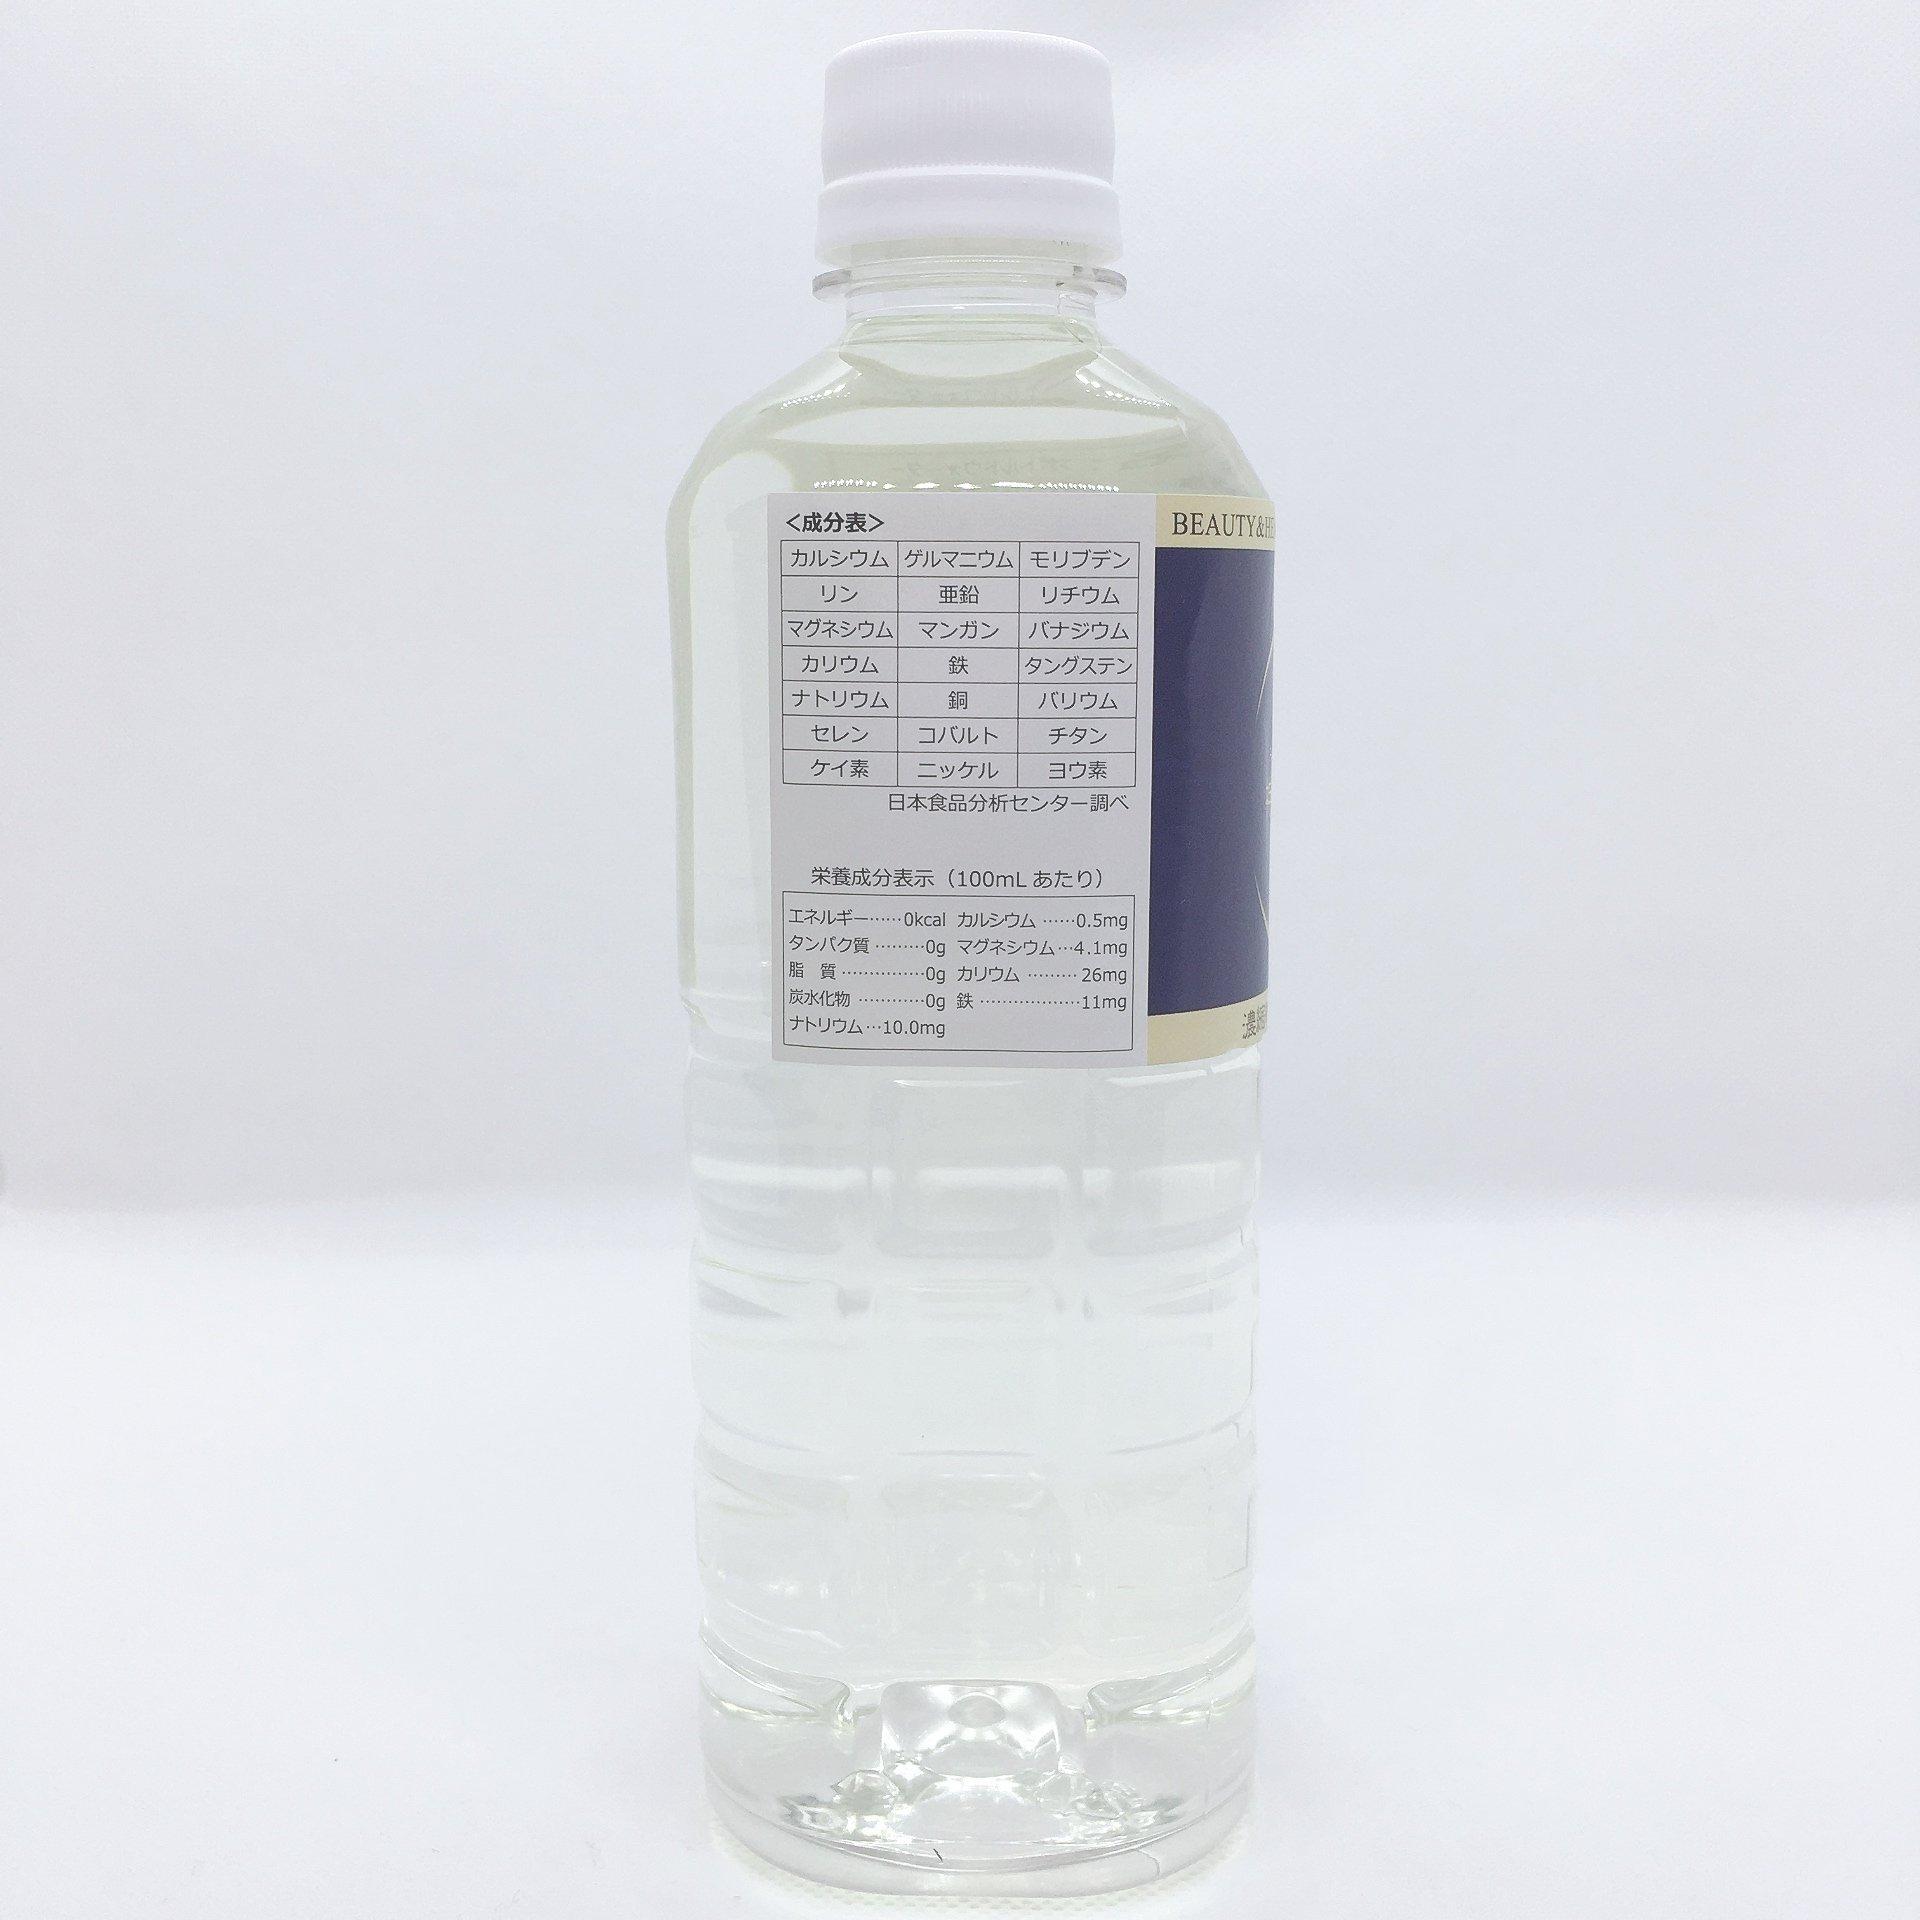 ミネラル 濃縮微量元素ミネラル水 神月乃泉 セット価格 ★500ml&詰め替え専用ボトル★のイメージその3